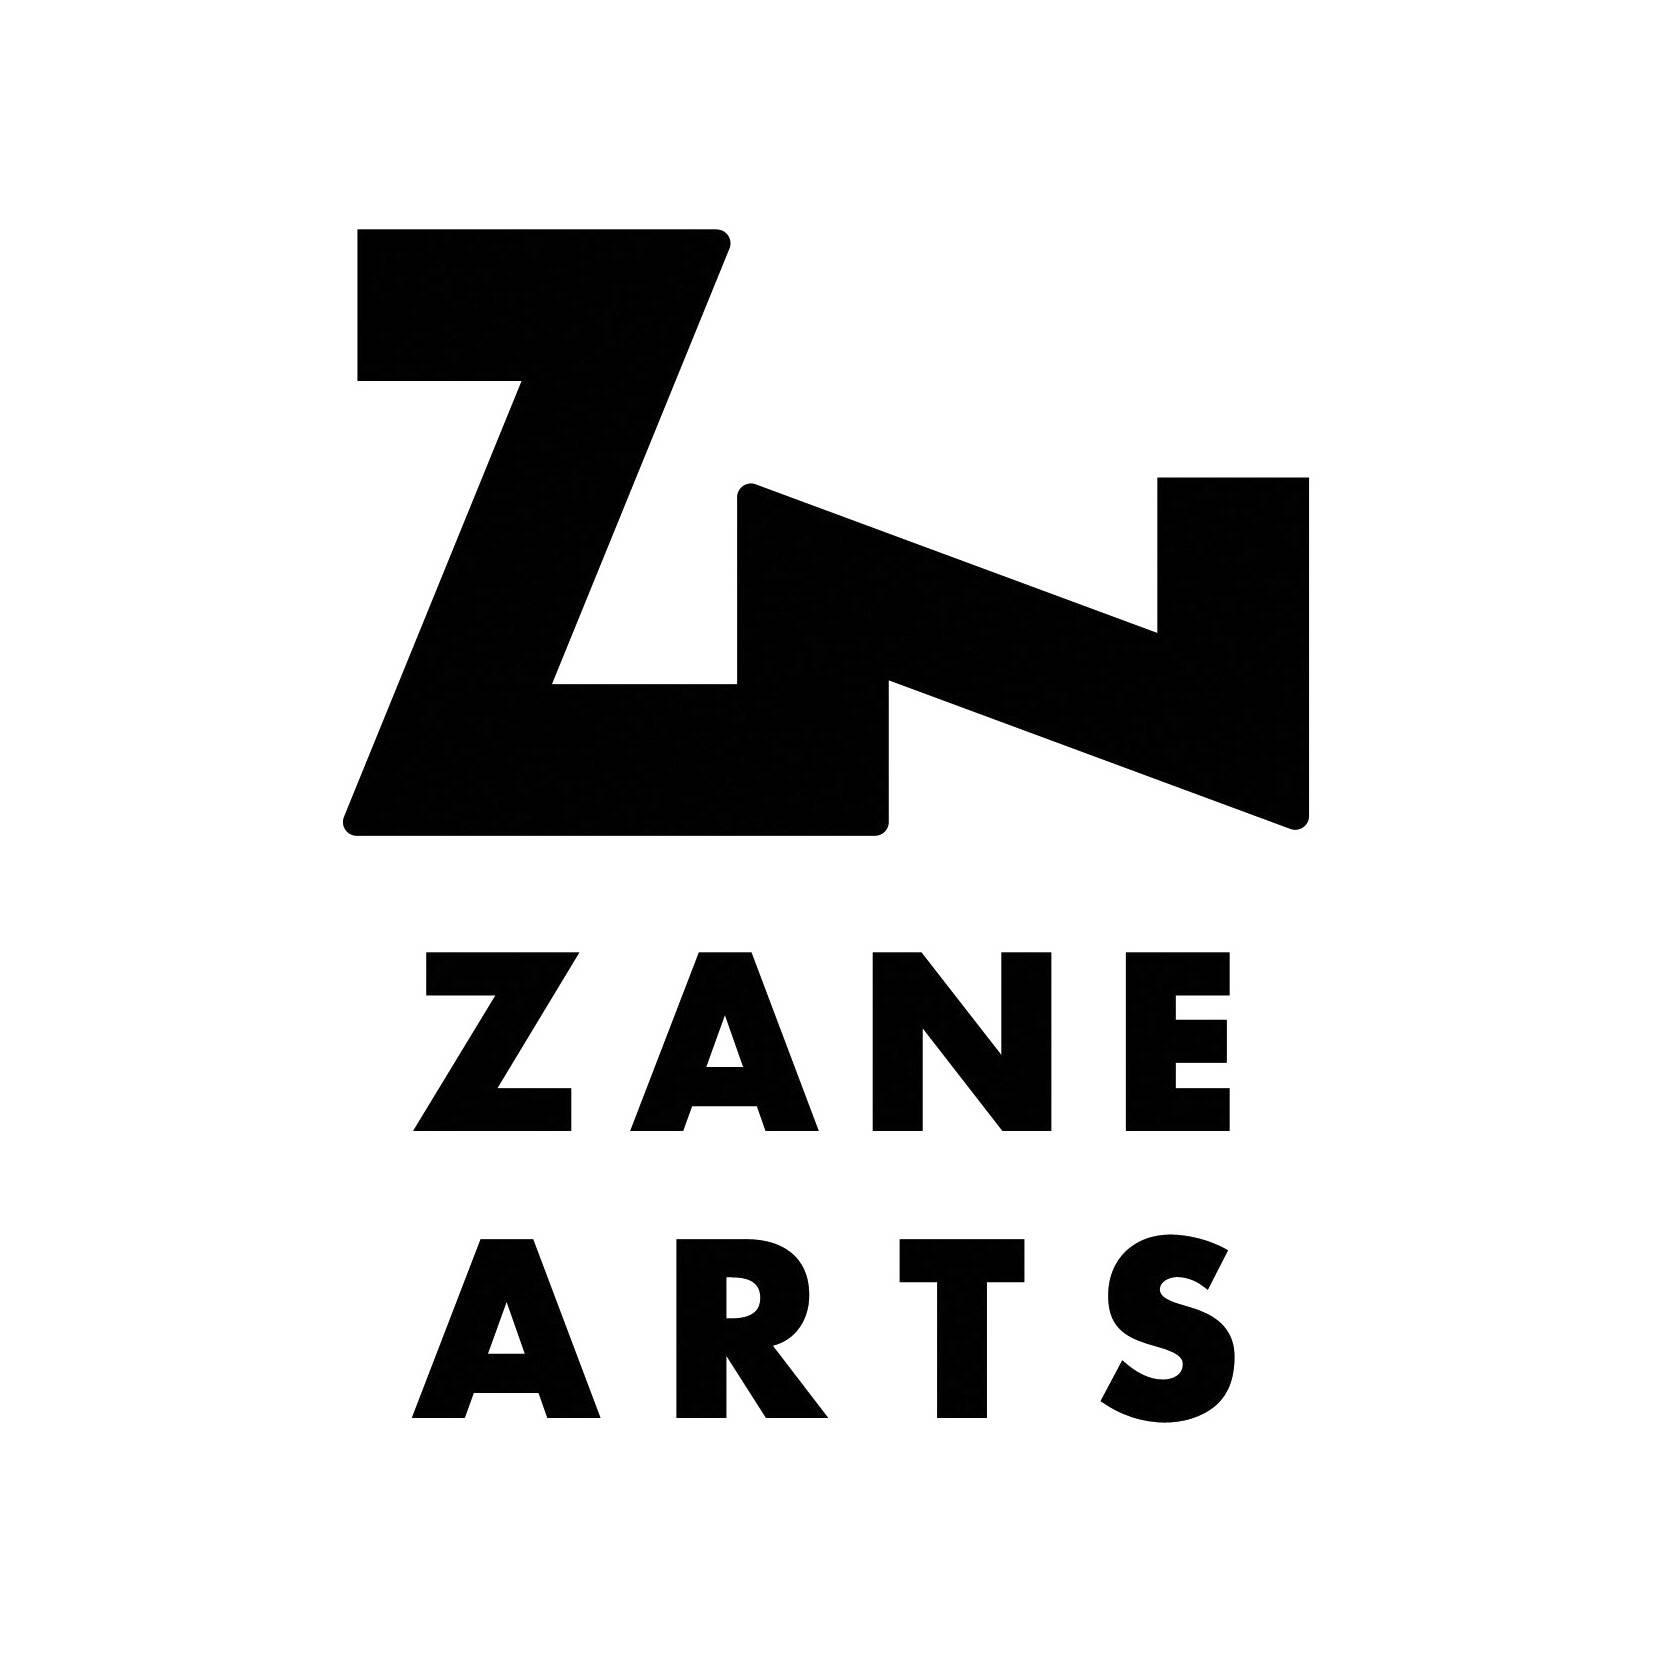 注目の新アウトドアブランド「ZANE ARTS(ゼインアーツ)」